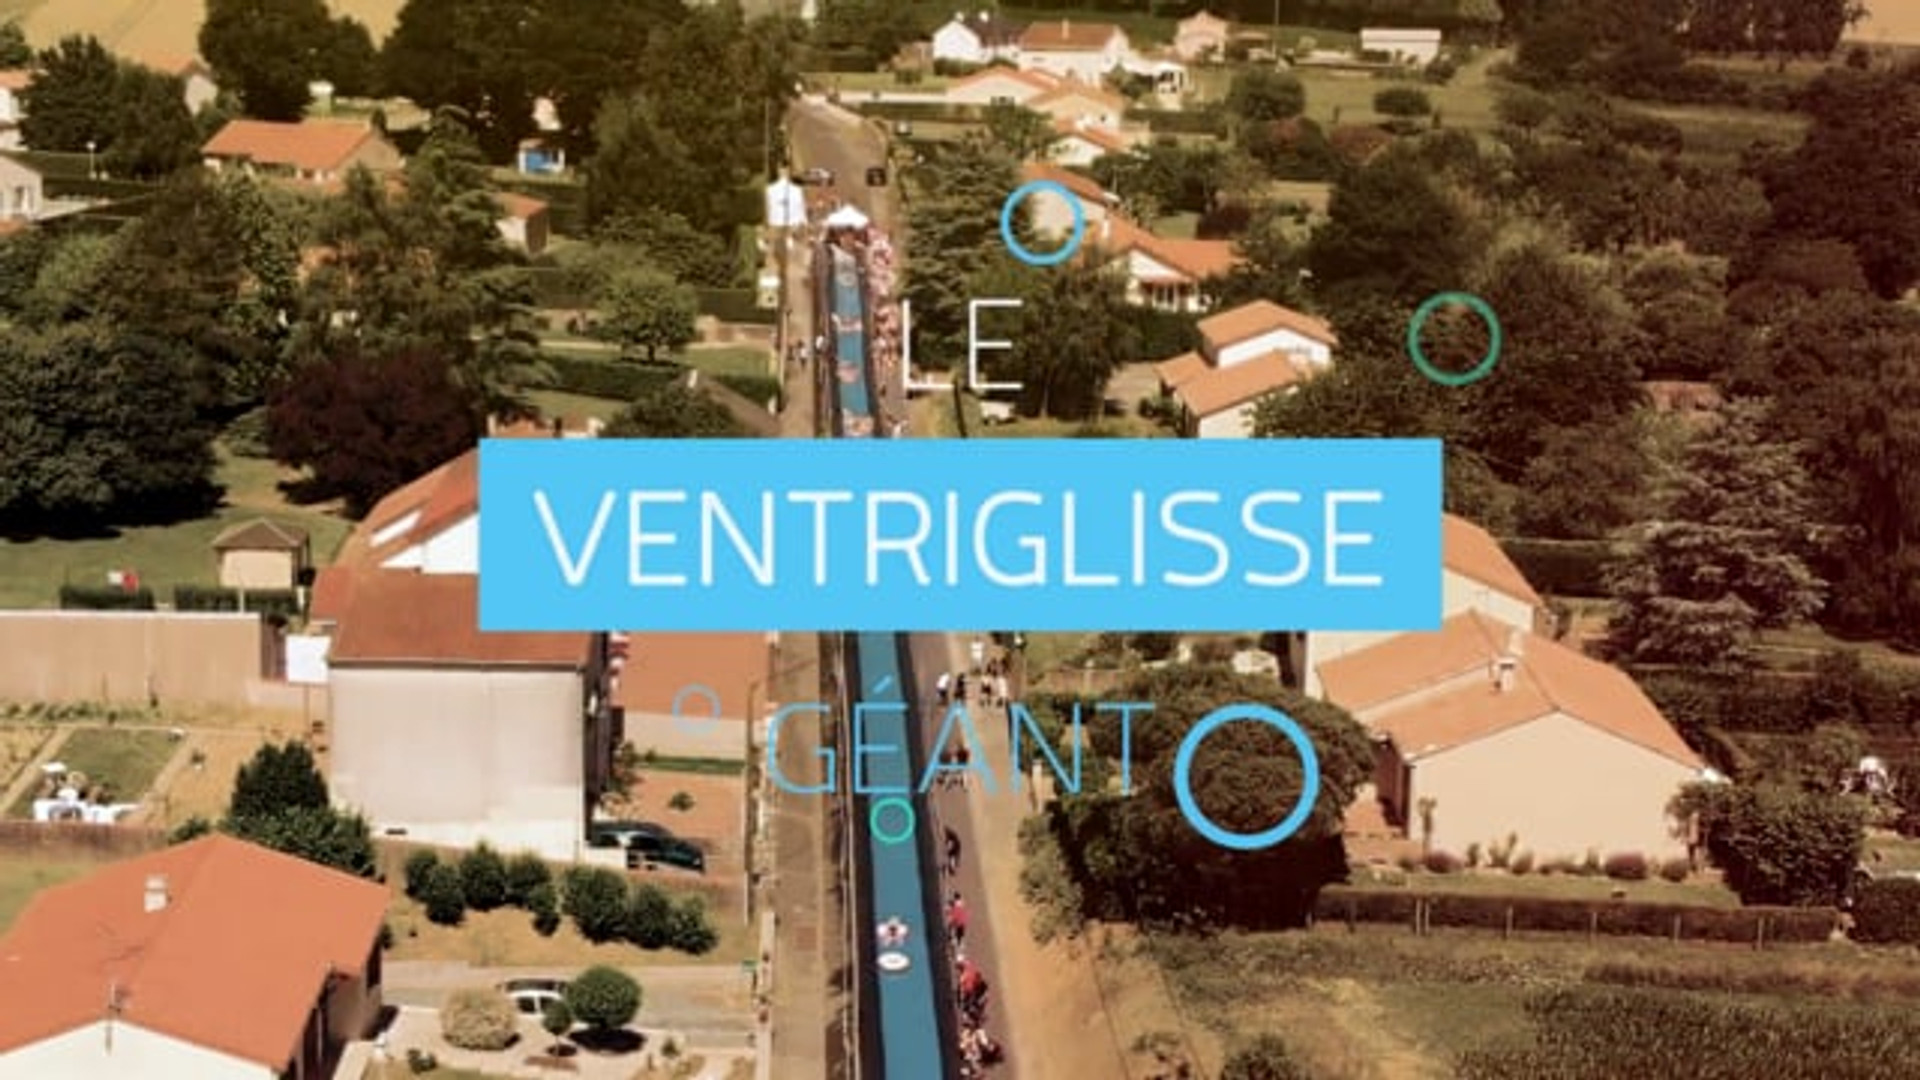 Le Ventriglisse Géant - Saint-Amand-sur-Sèvre - Aftermovie